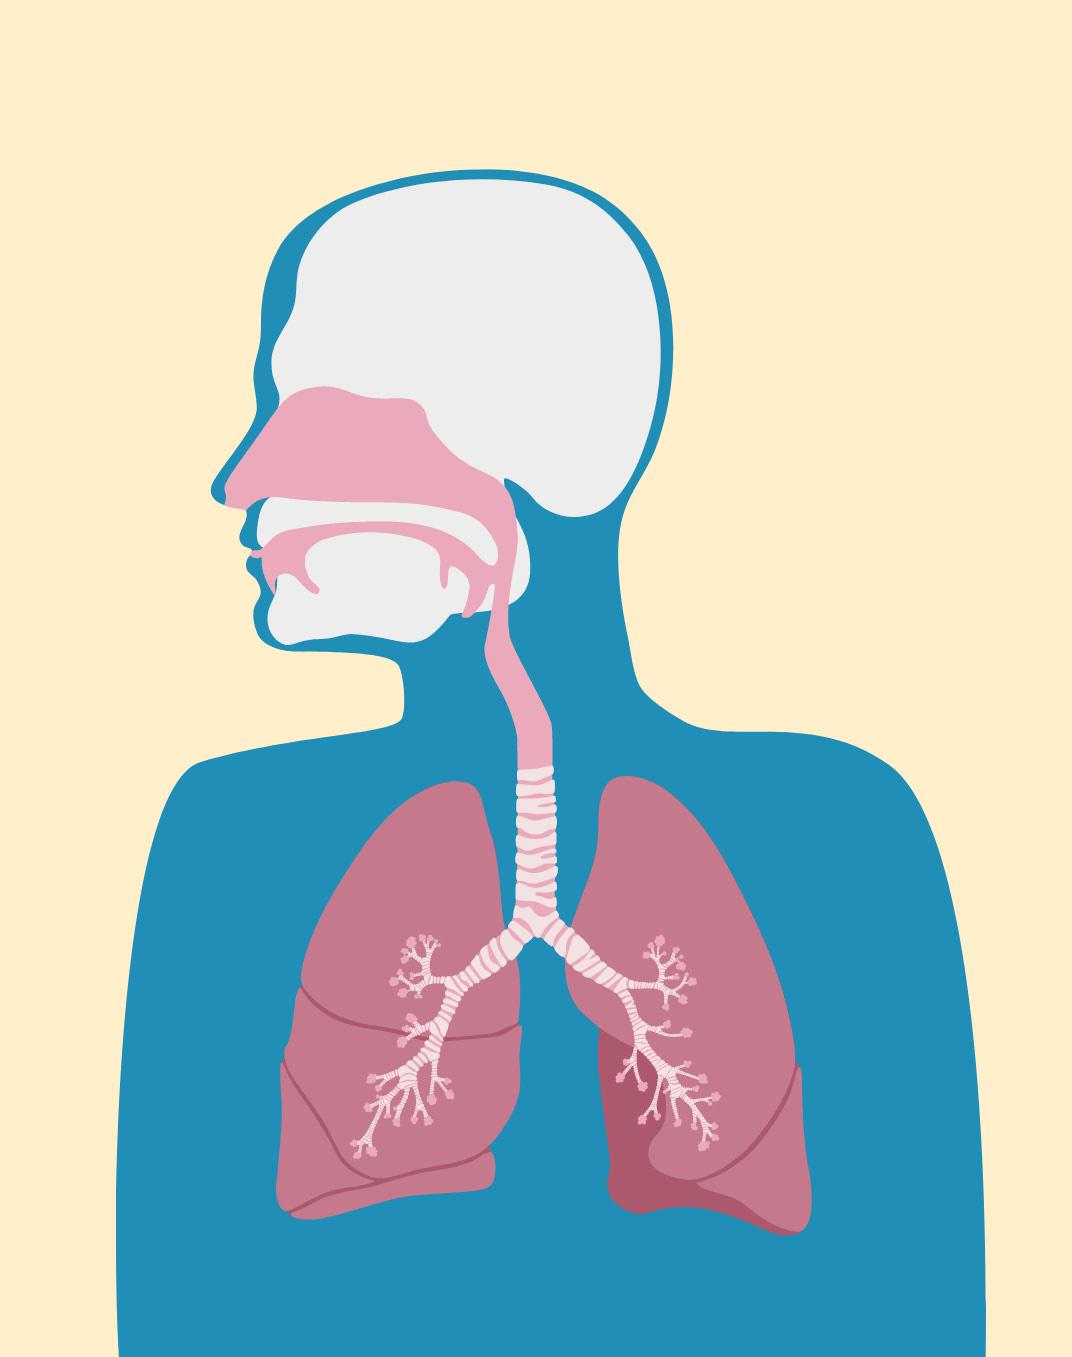 Illustration der Atemwege für den Brand Refresh Flavamed von der Healthcare Werbeagentur mcs